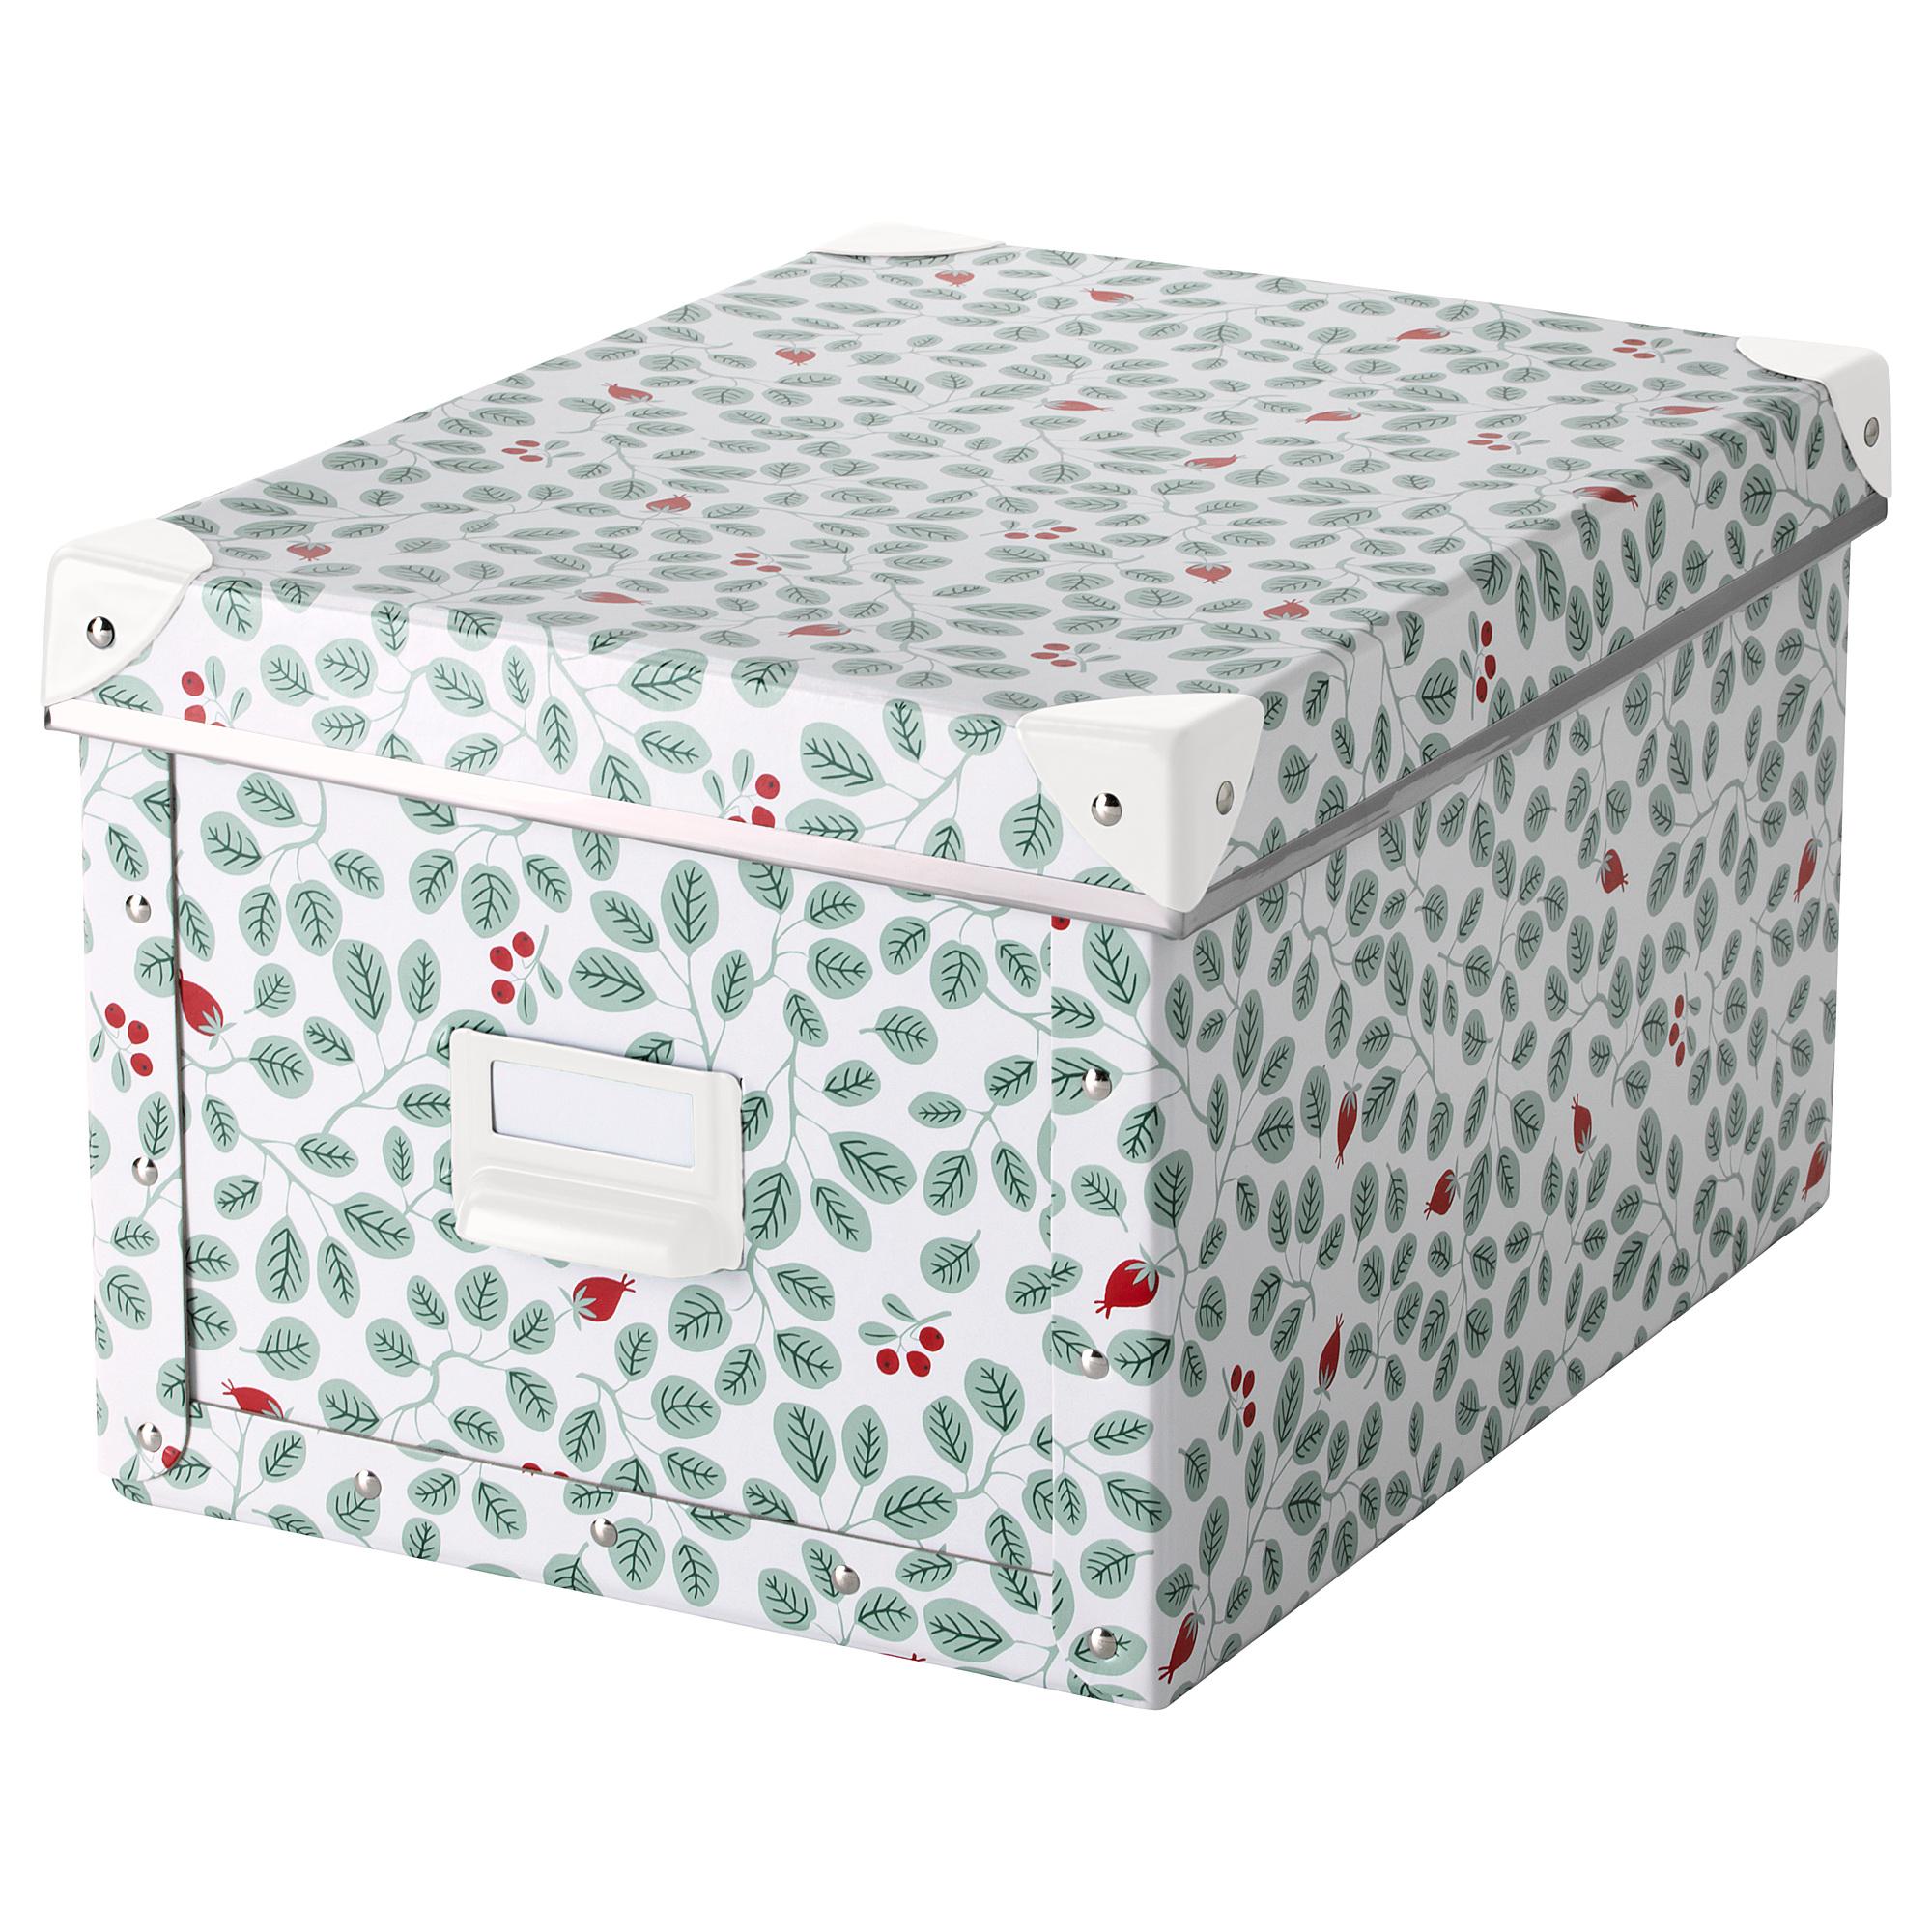 Коробка с крышкой ФЬЕЛЛА зеленый артикуль № 603.991.91 в наличии. Онлайн каталог IKEA Беларусь. Быстрая доставка и установка.